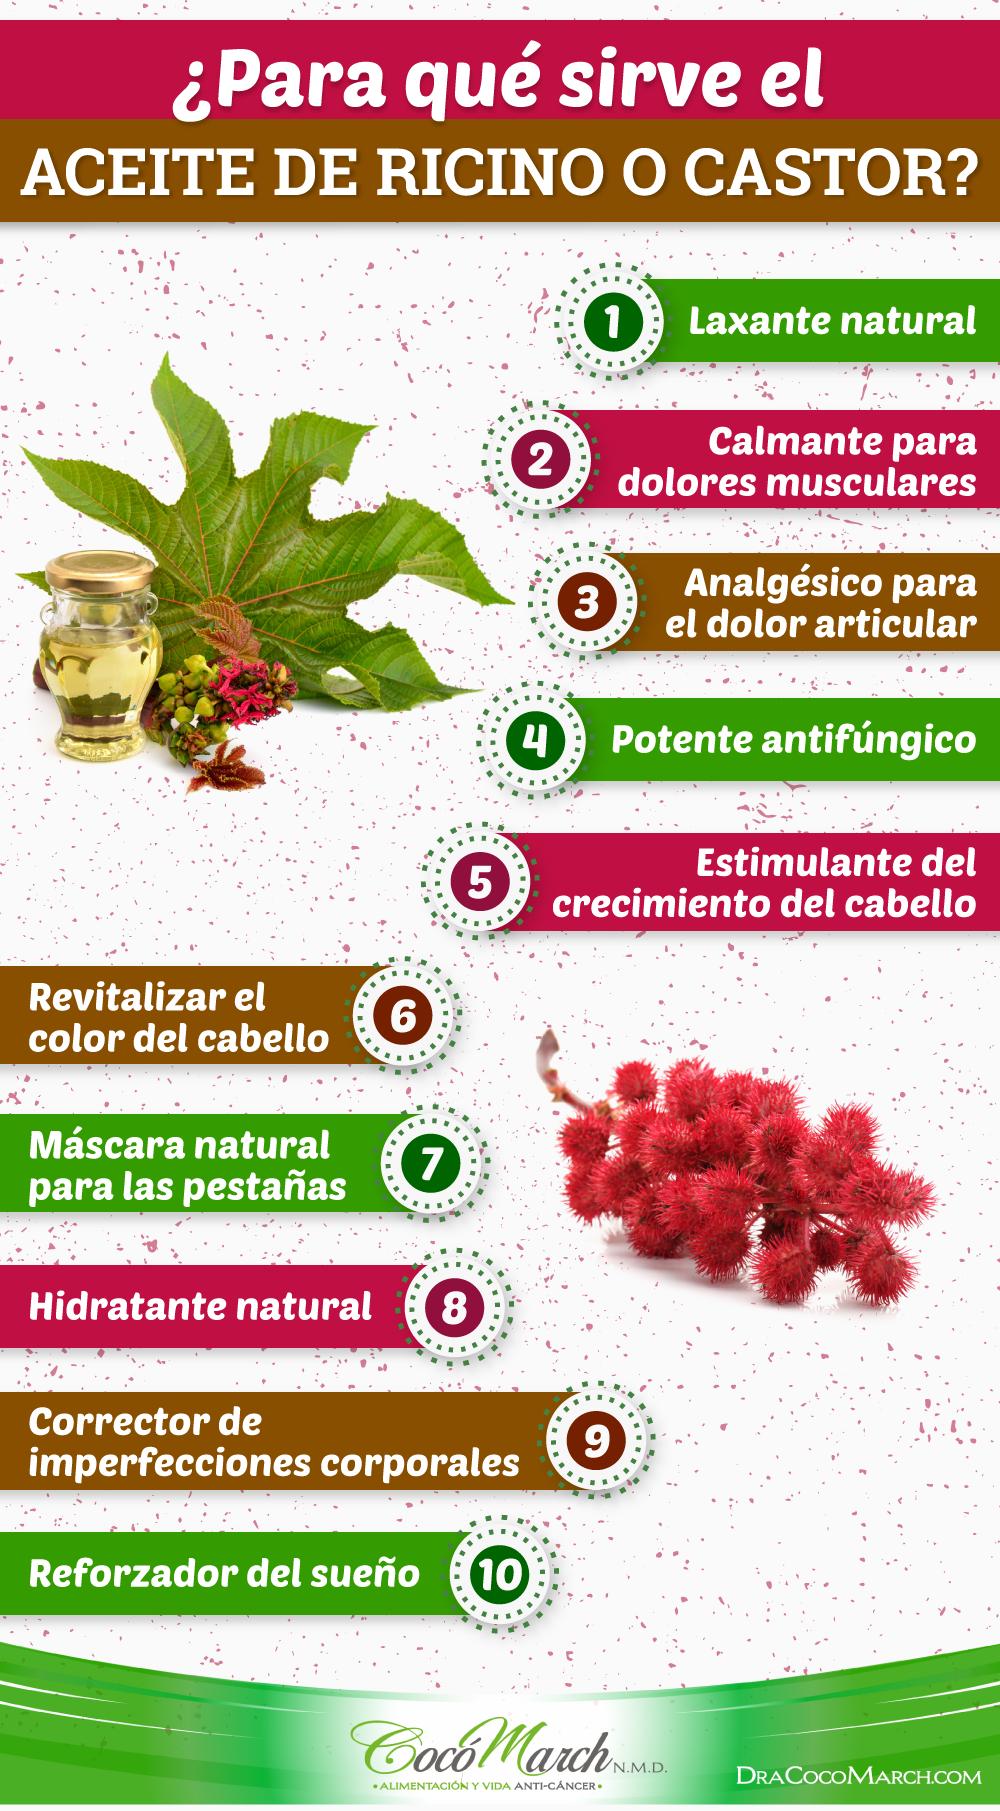 10 Beneficios Y Usos Del Aceite De Castor O Ricino Aceite De Castor Aceite De Ricino Usos Aceite De Ricino